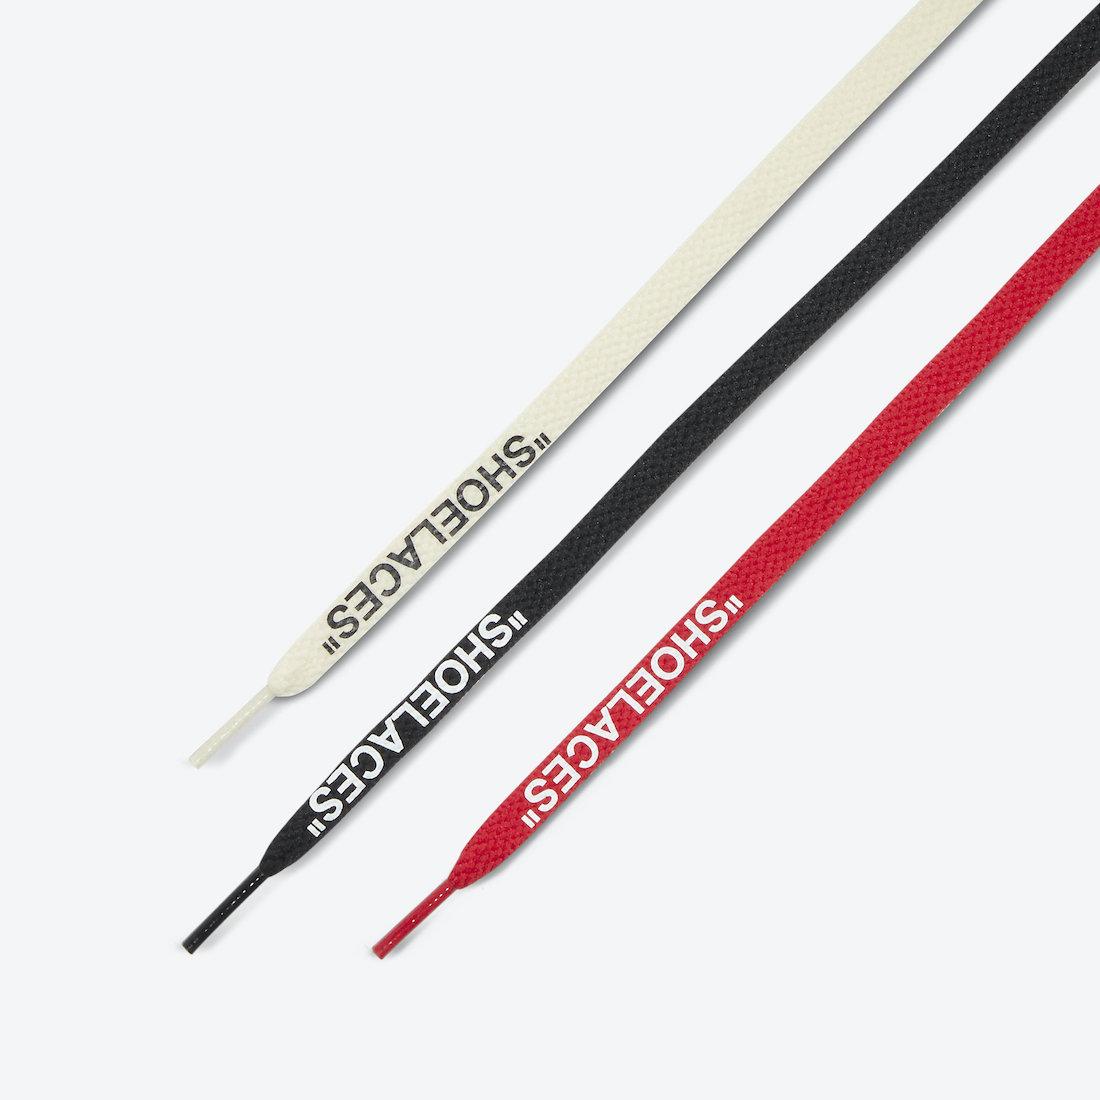 オフホワイト ナイキ コラボ エア ジョーダン 5 セイル Off-White Nike Air Jordan 5 Sail Fire Red DH8565-100 shoelace